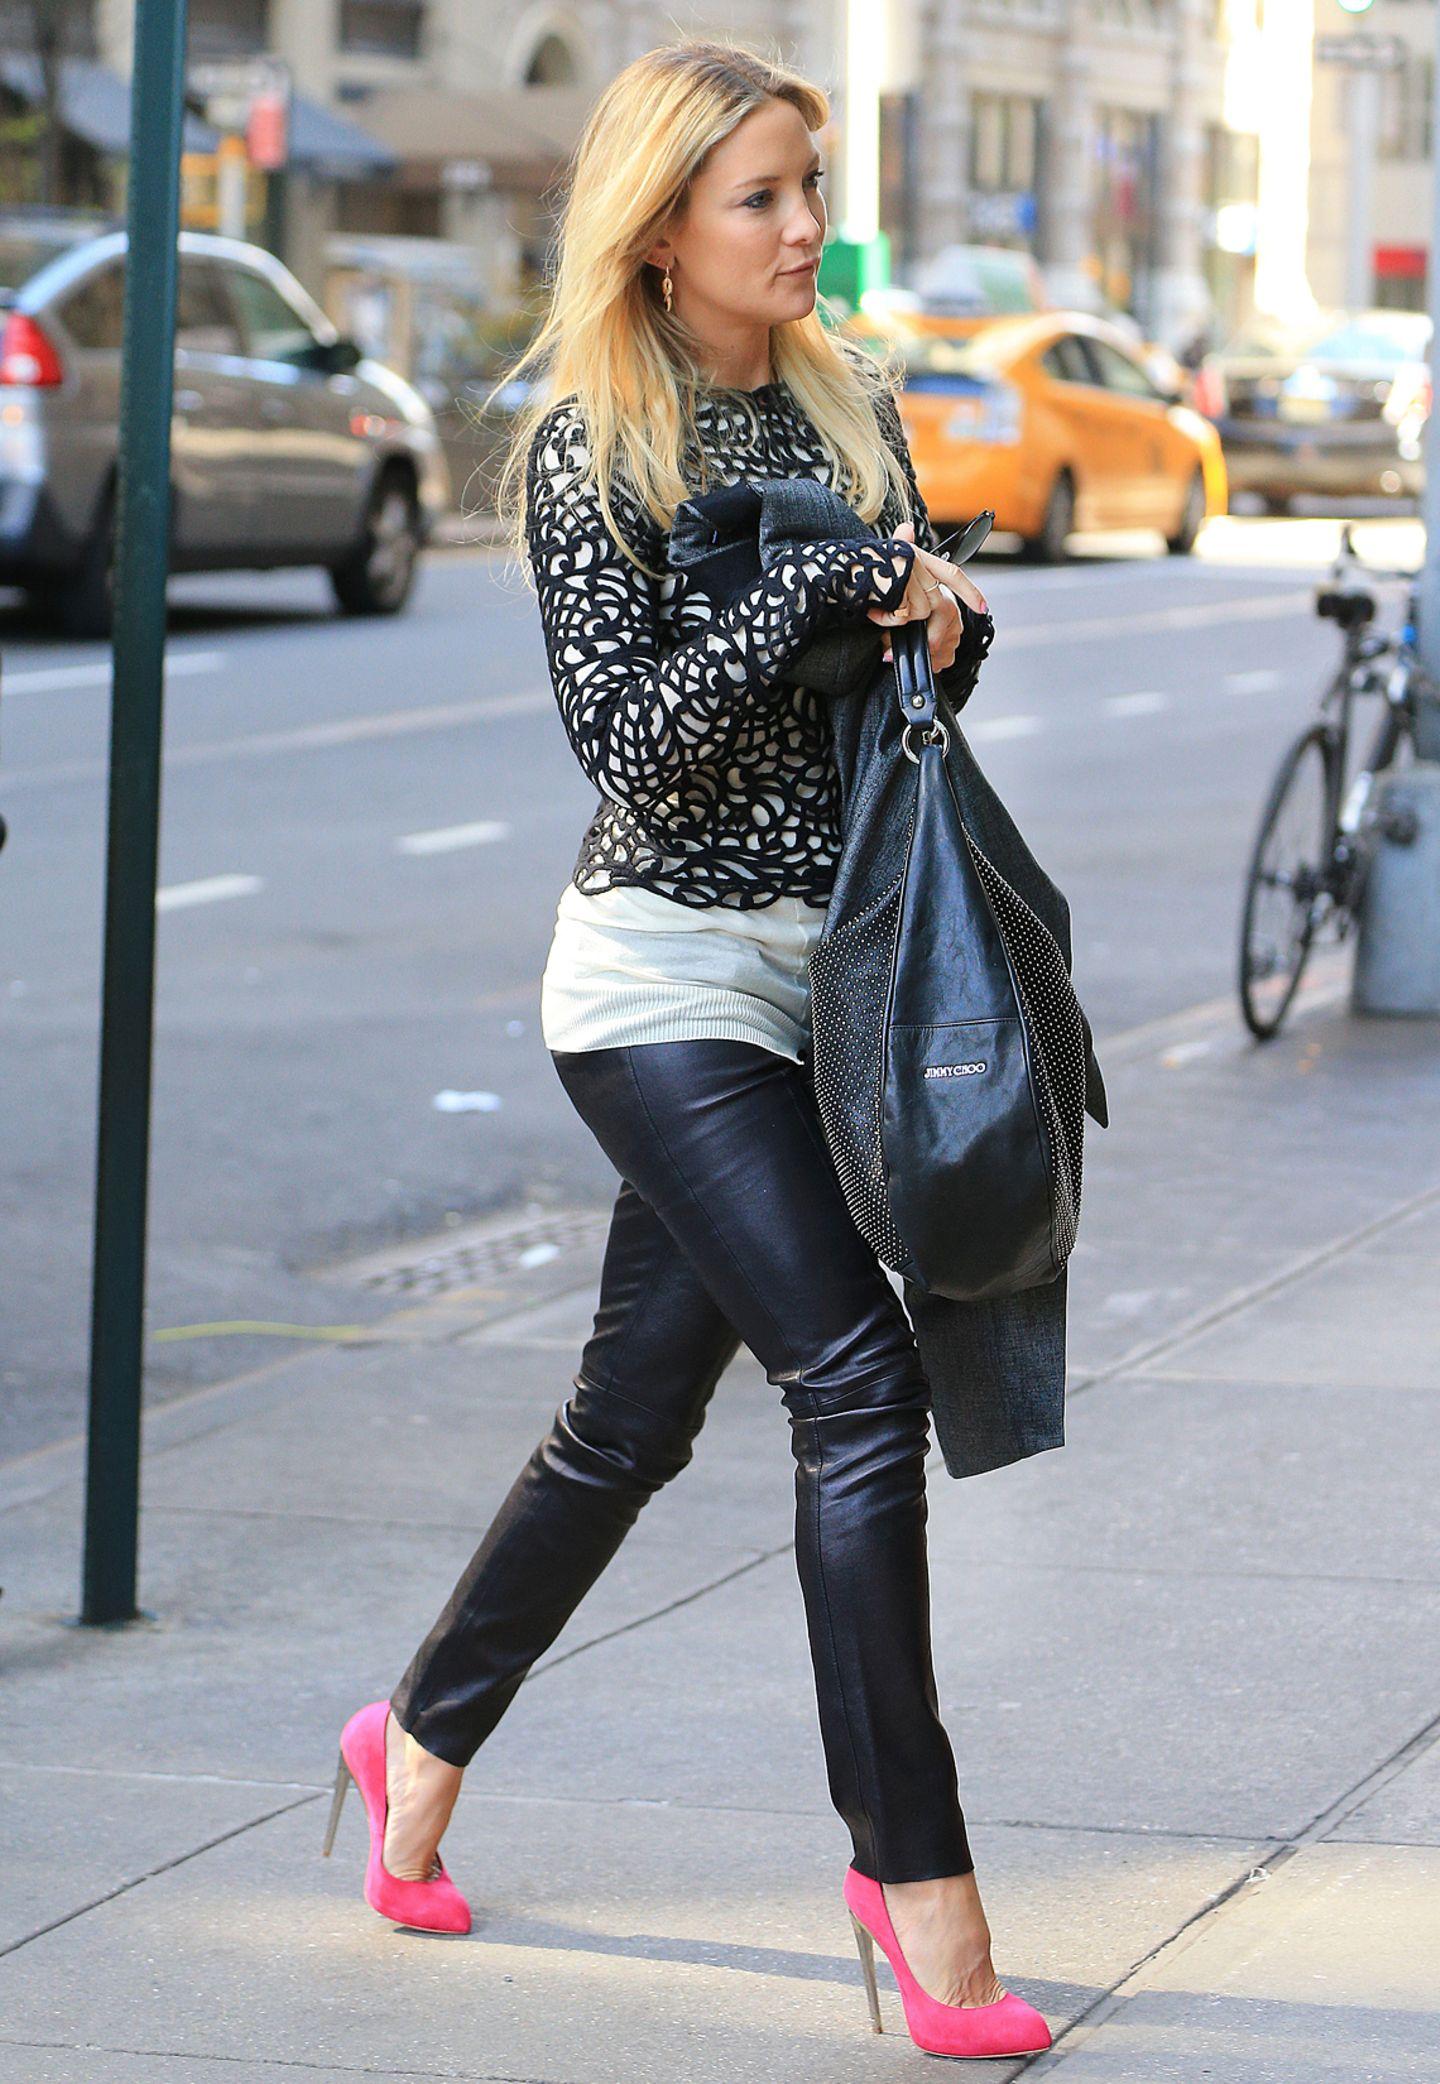 Die sexy Lederhose kombiniert Kate Hudson mit einem ornamentalen Netz-Pulli und pinken High-Heels.